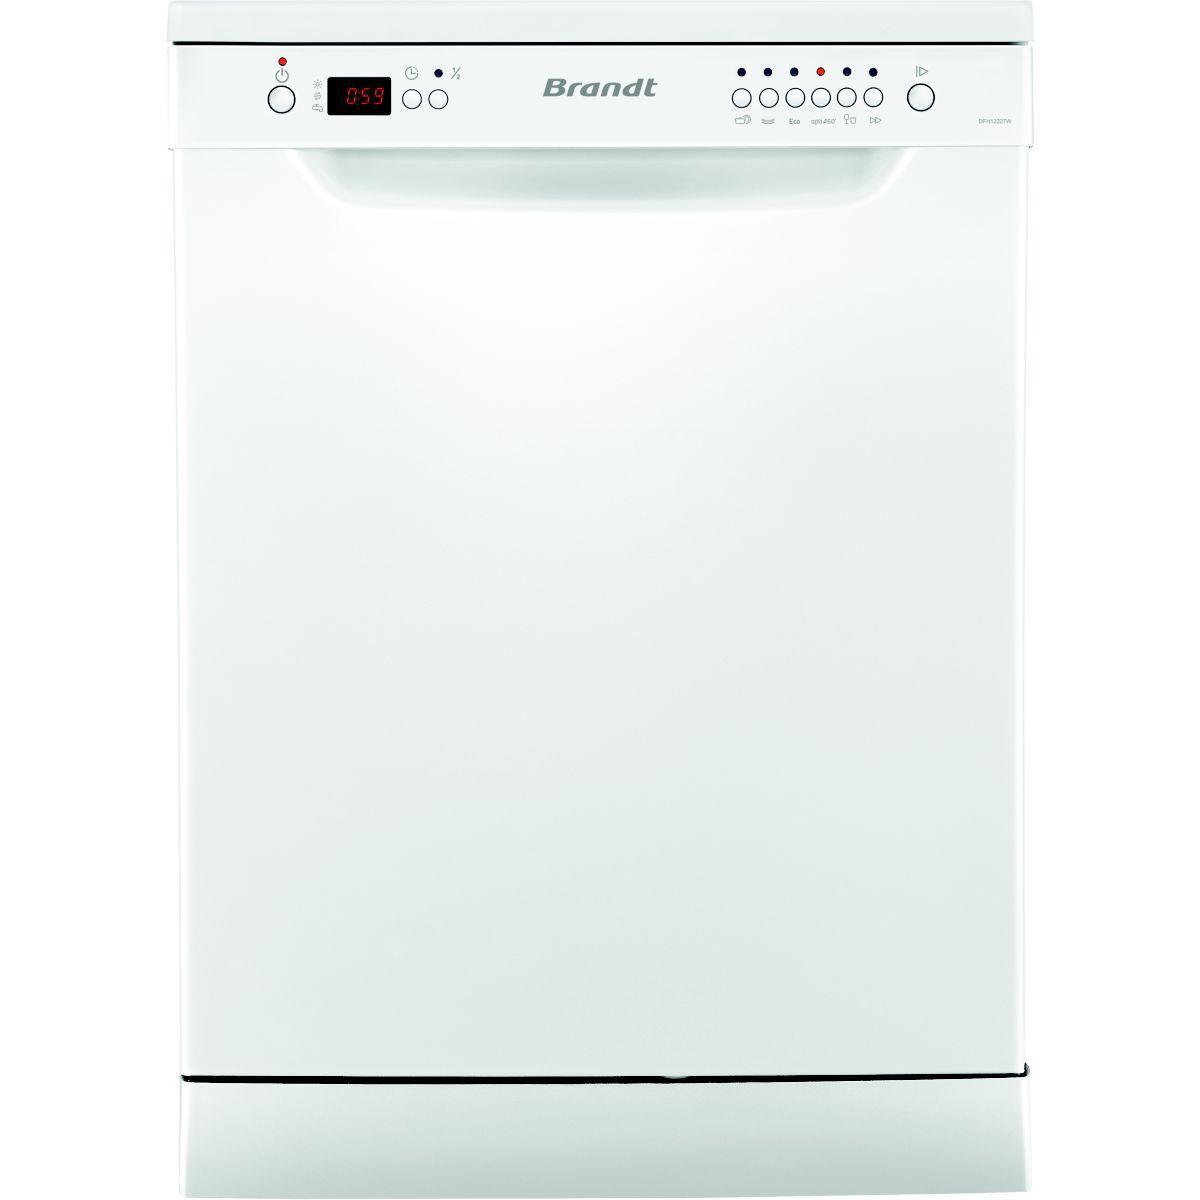 Lave-vaisselle 60cm brandt dfh 12227w - 2% de remise immédiate avec le code : cool2 (photo)